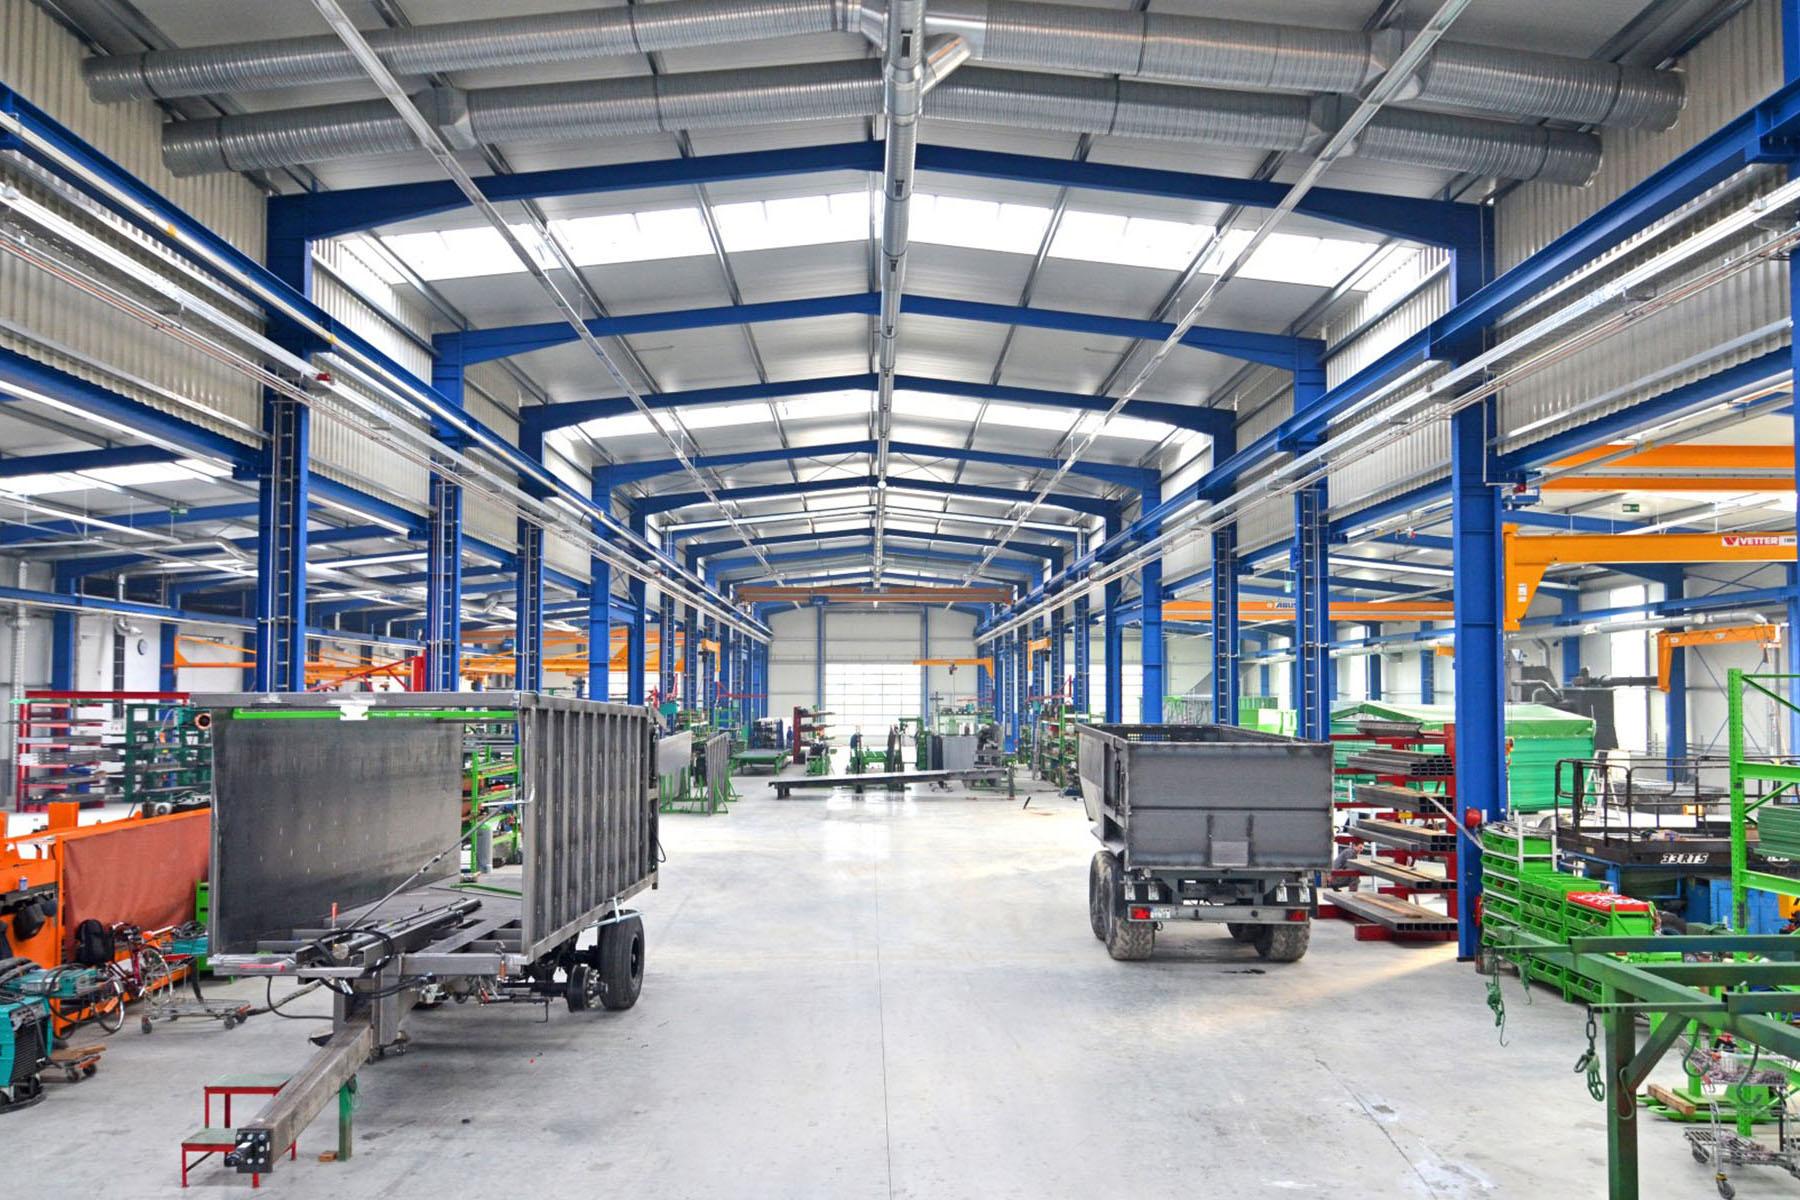 Produktionshalle mit Stahlrahmen